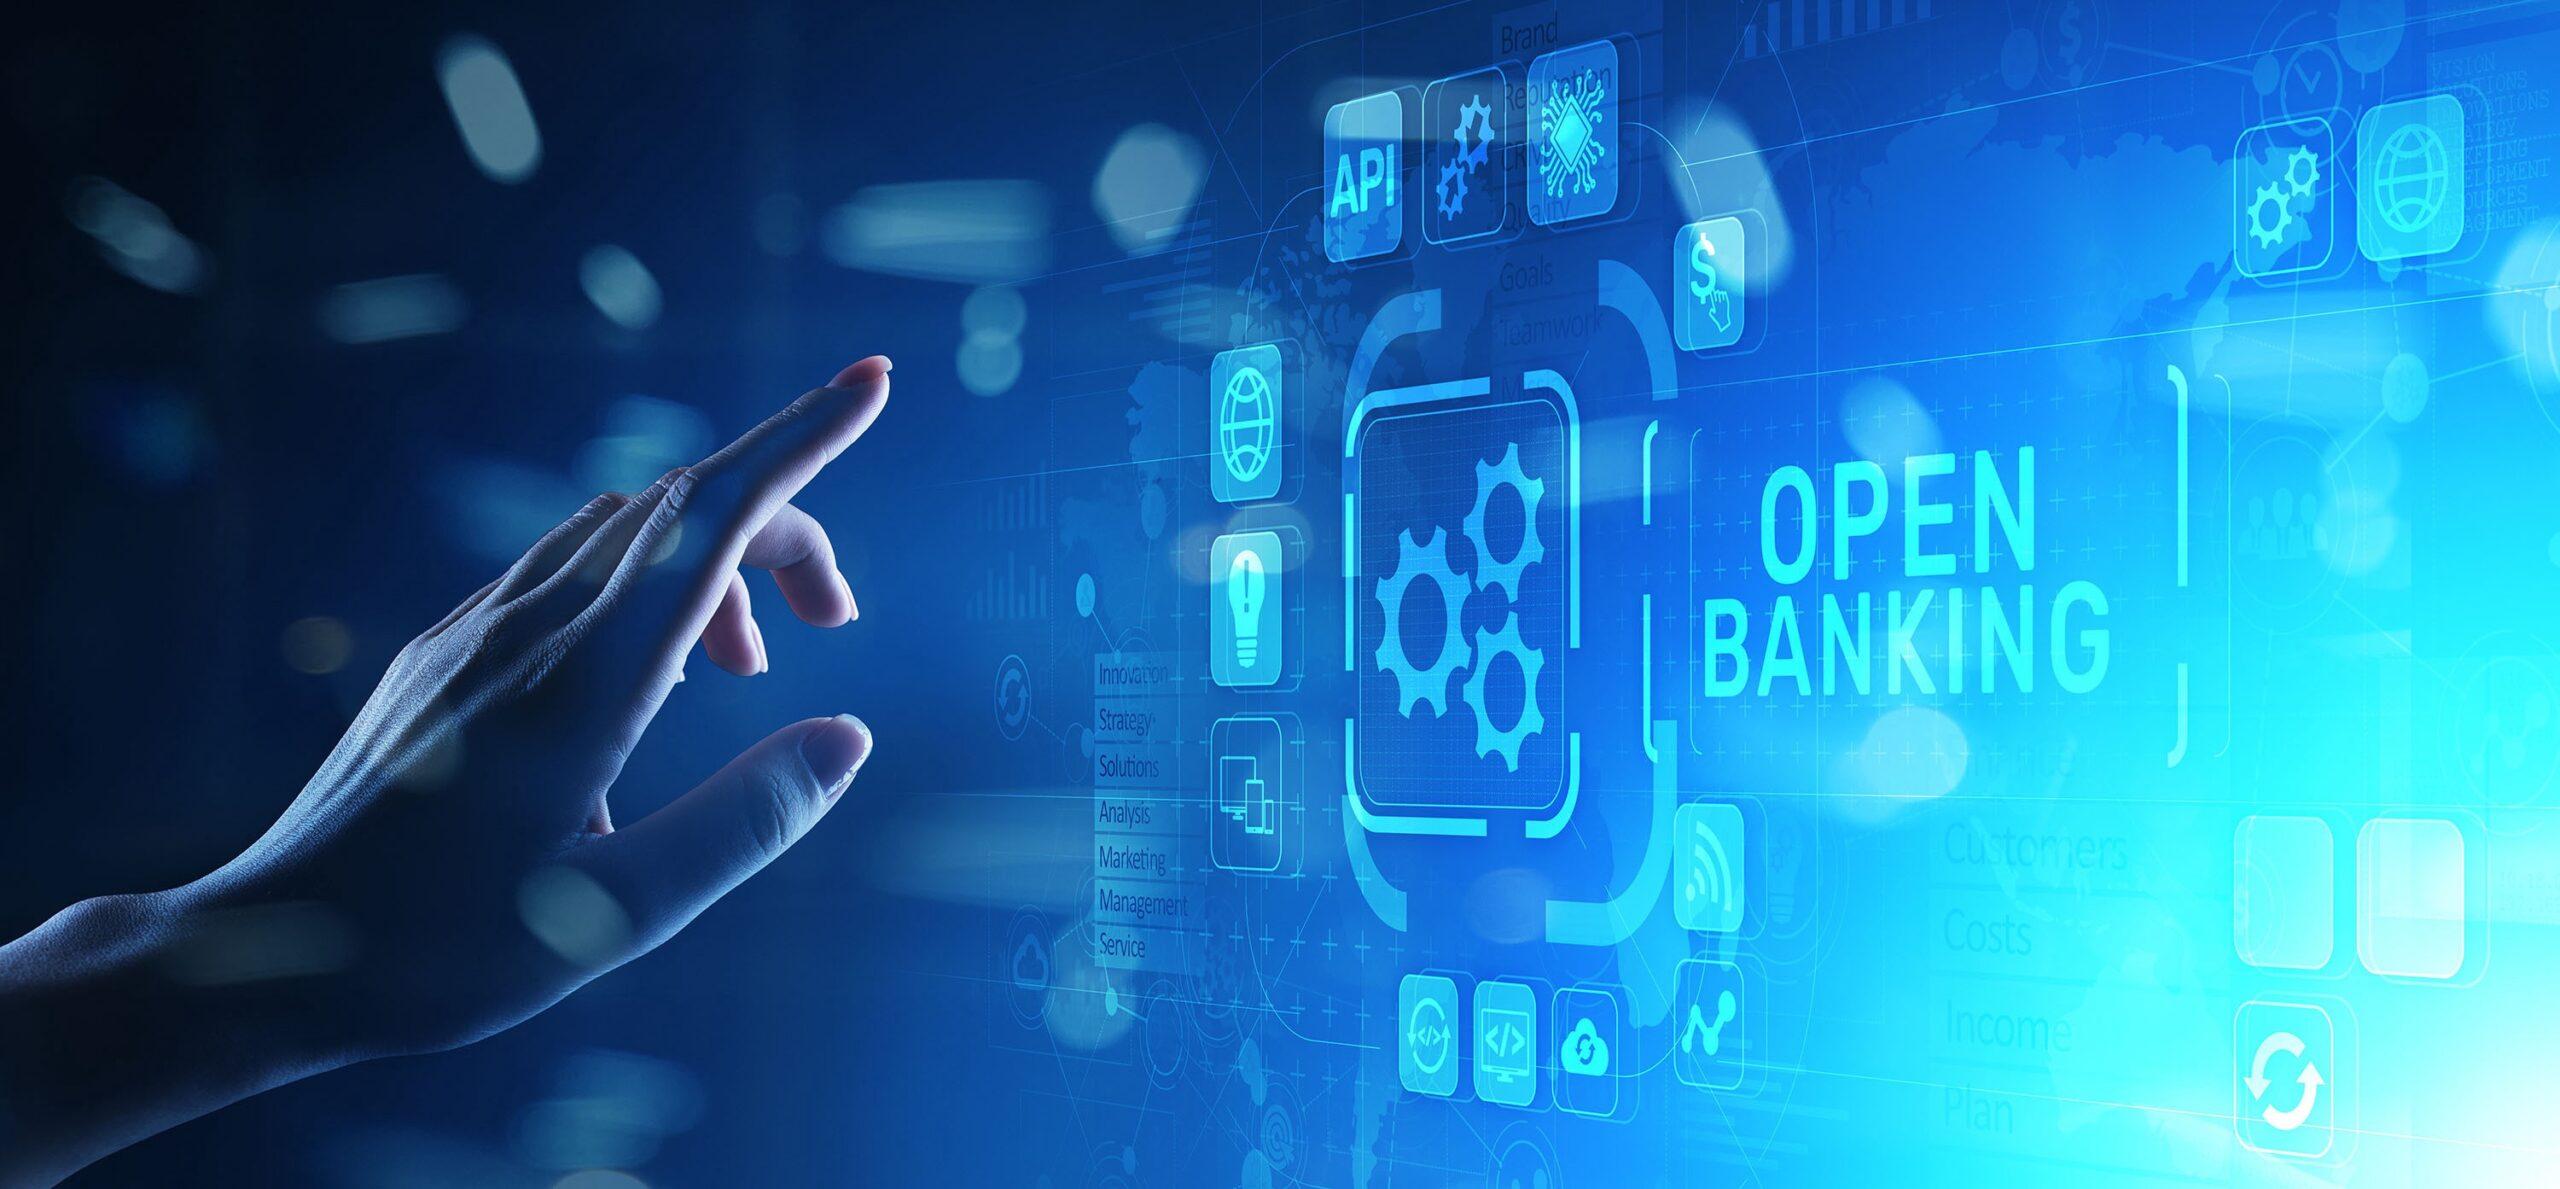 Banco Central estabelece requisitos técnicos e procedimentos operacionais do Open Banking no Brasil